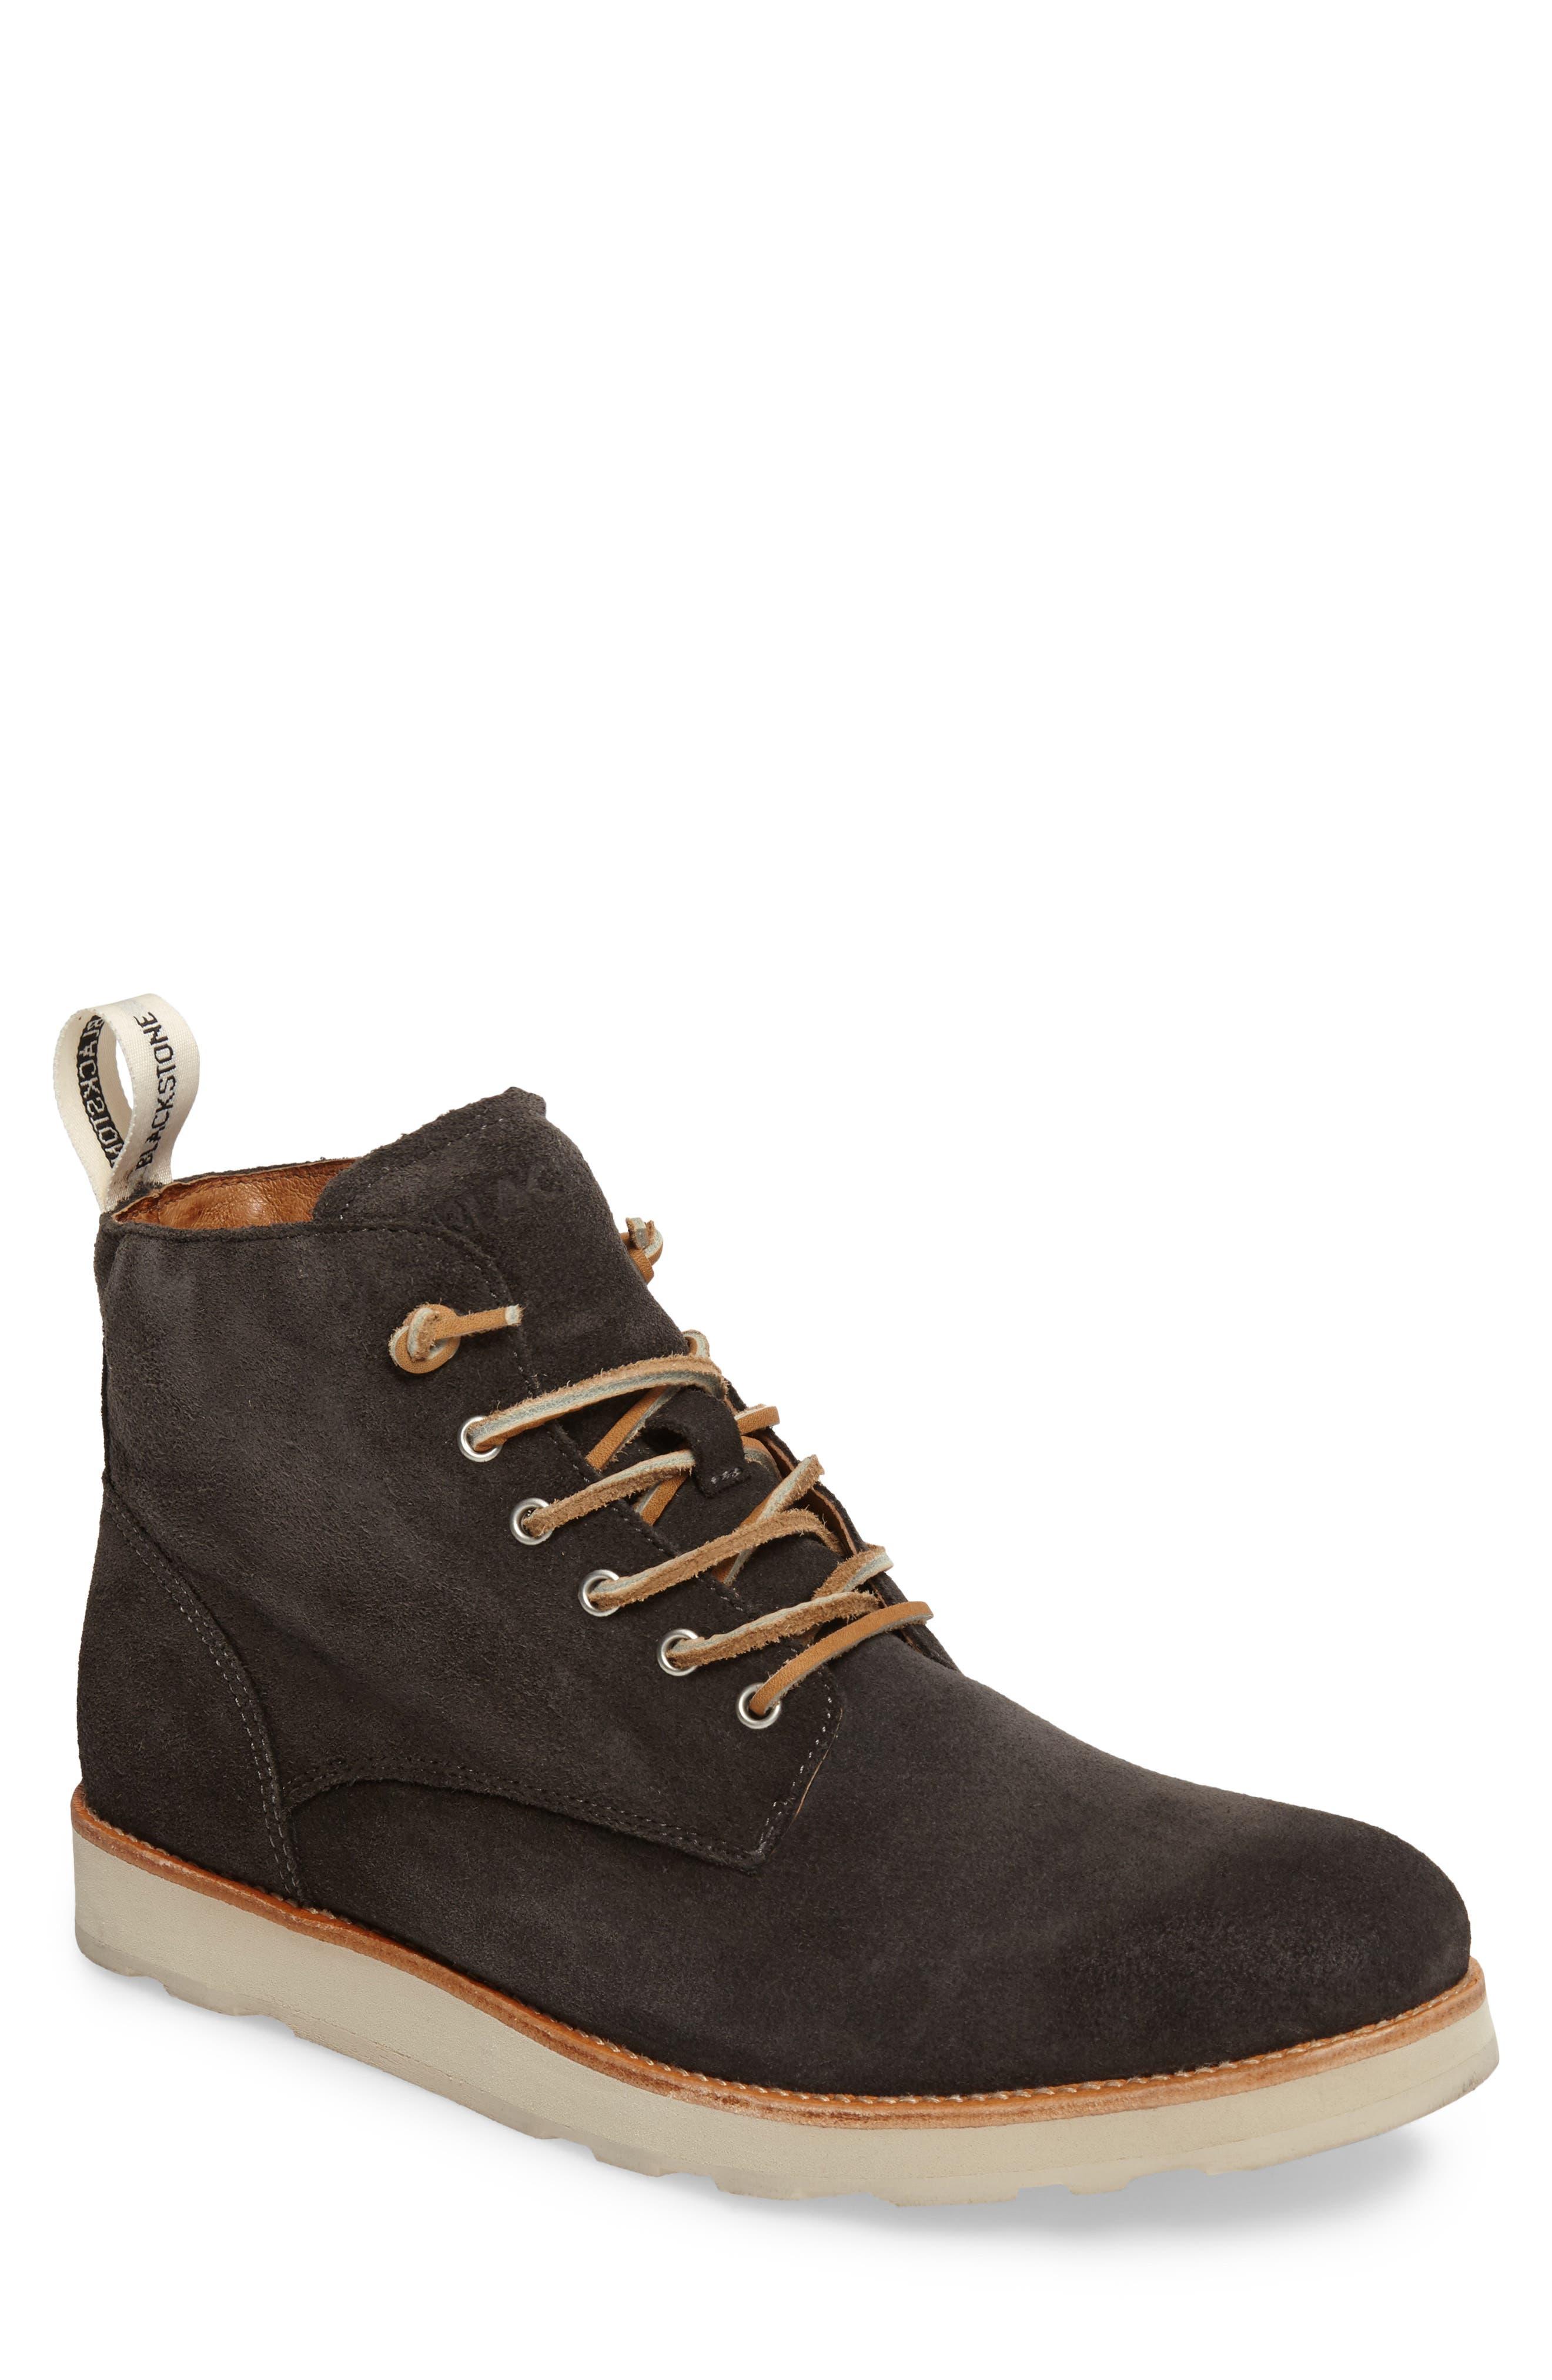 Blackstone Om 53 Plain Toe Boot - Blue